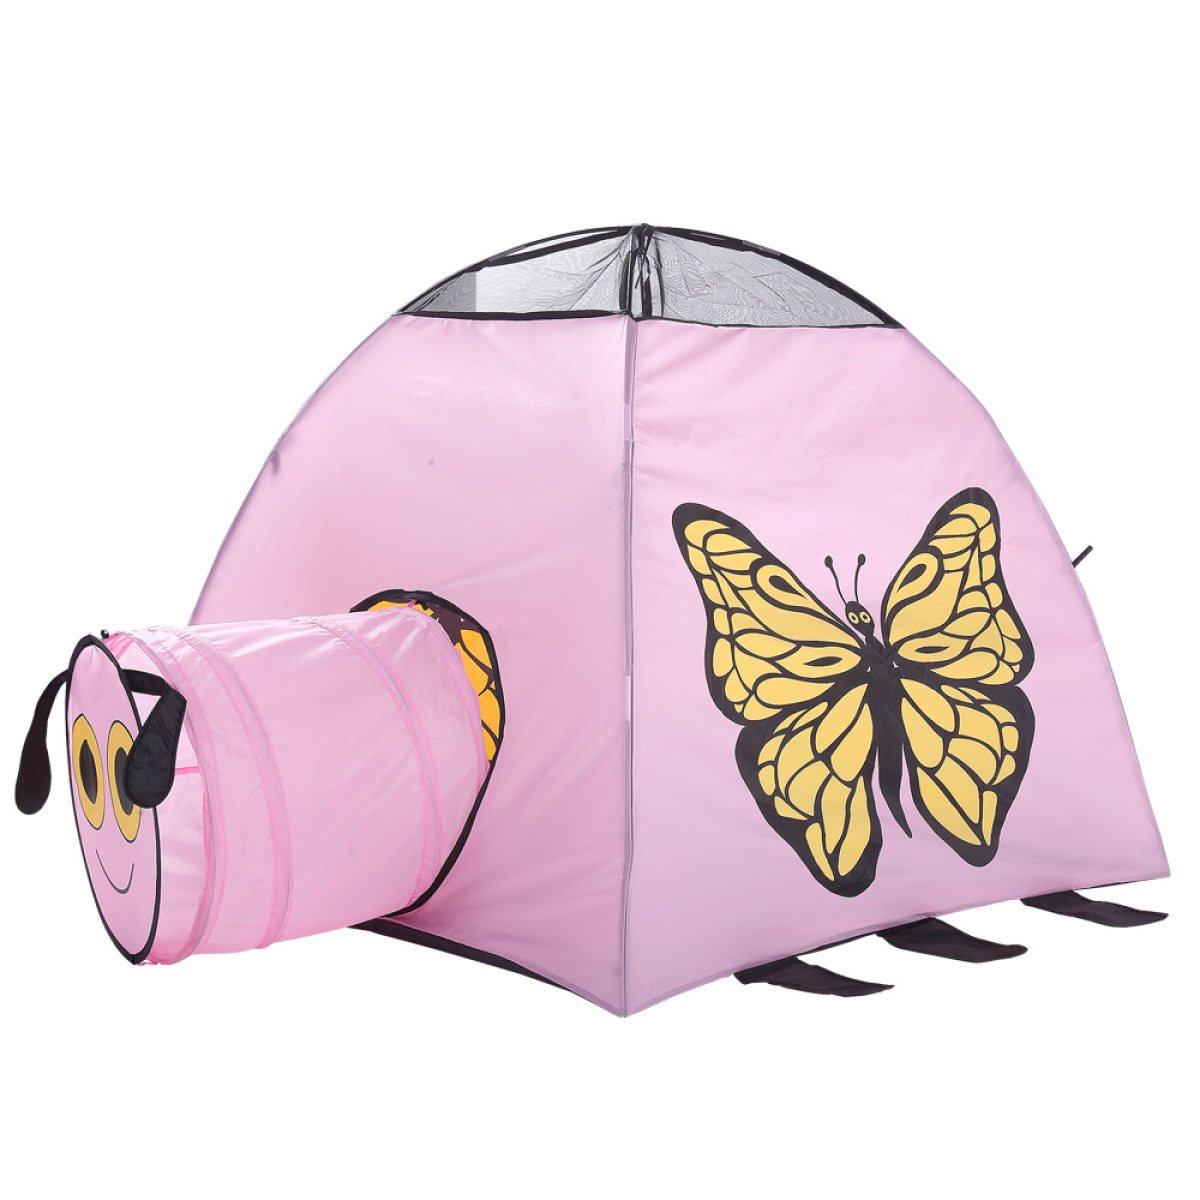 WAZY Tienda de campaña para niños tienda de campaña túnel de malla neta Casa de mariposa juguetes para bebés bola de castillo piscina Princesa mosquitera